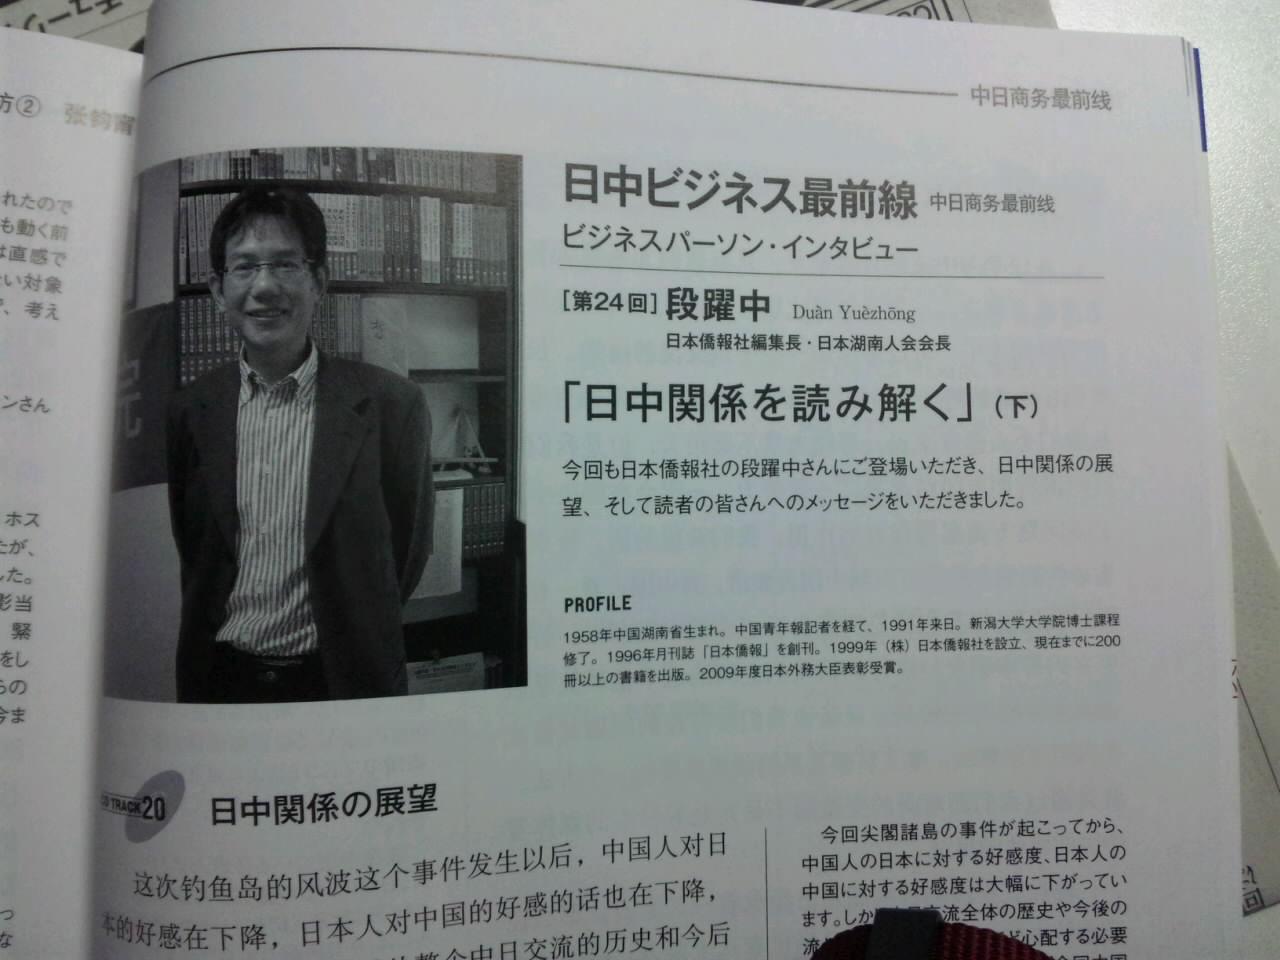 中国語ジャーナル2011年三月号に登場_d0027795_17563685.jpg